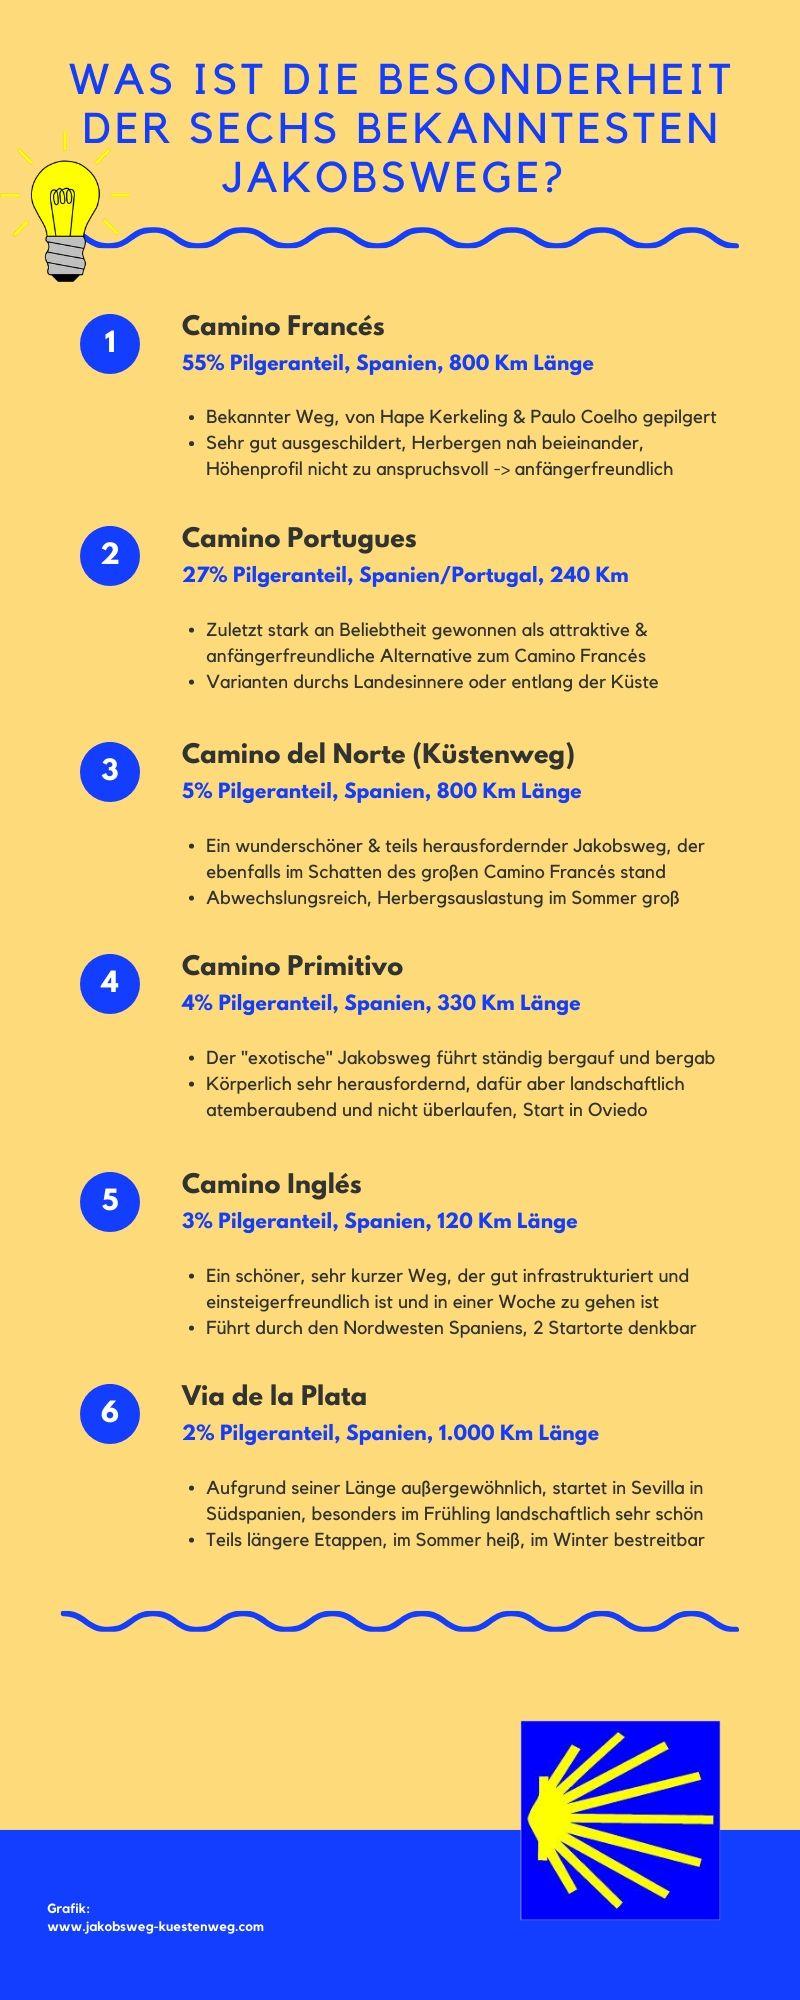 Infografik Die 6 wichtigsten Jakobswege und ihre Besonderheit